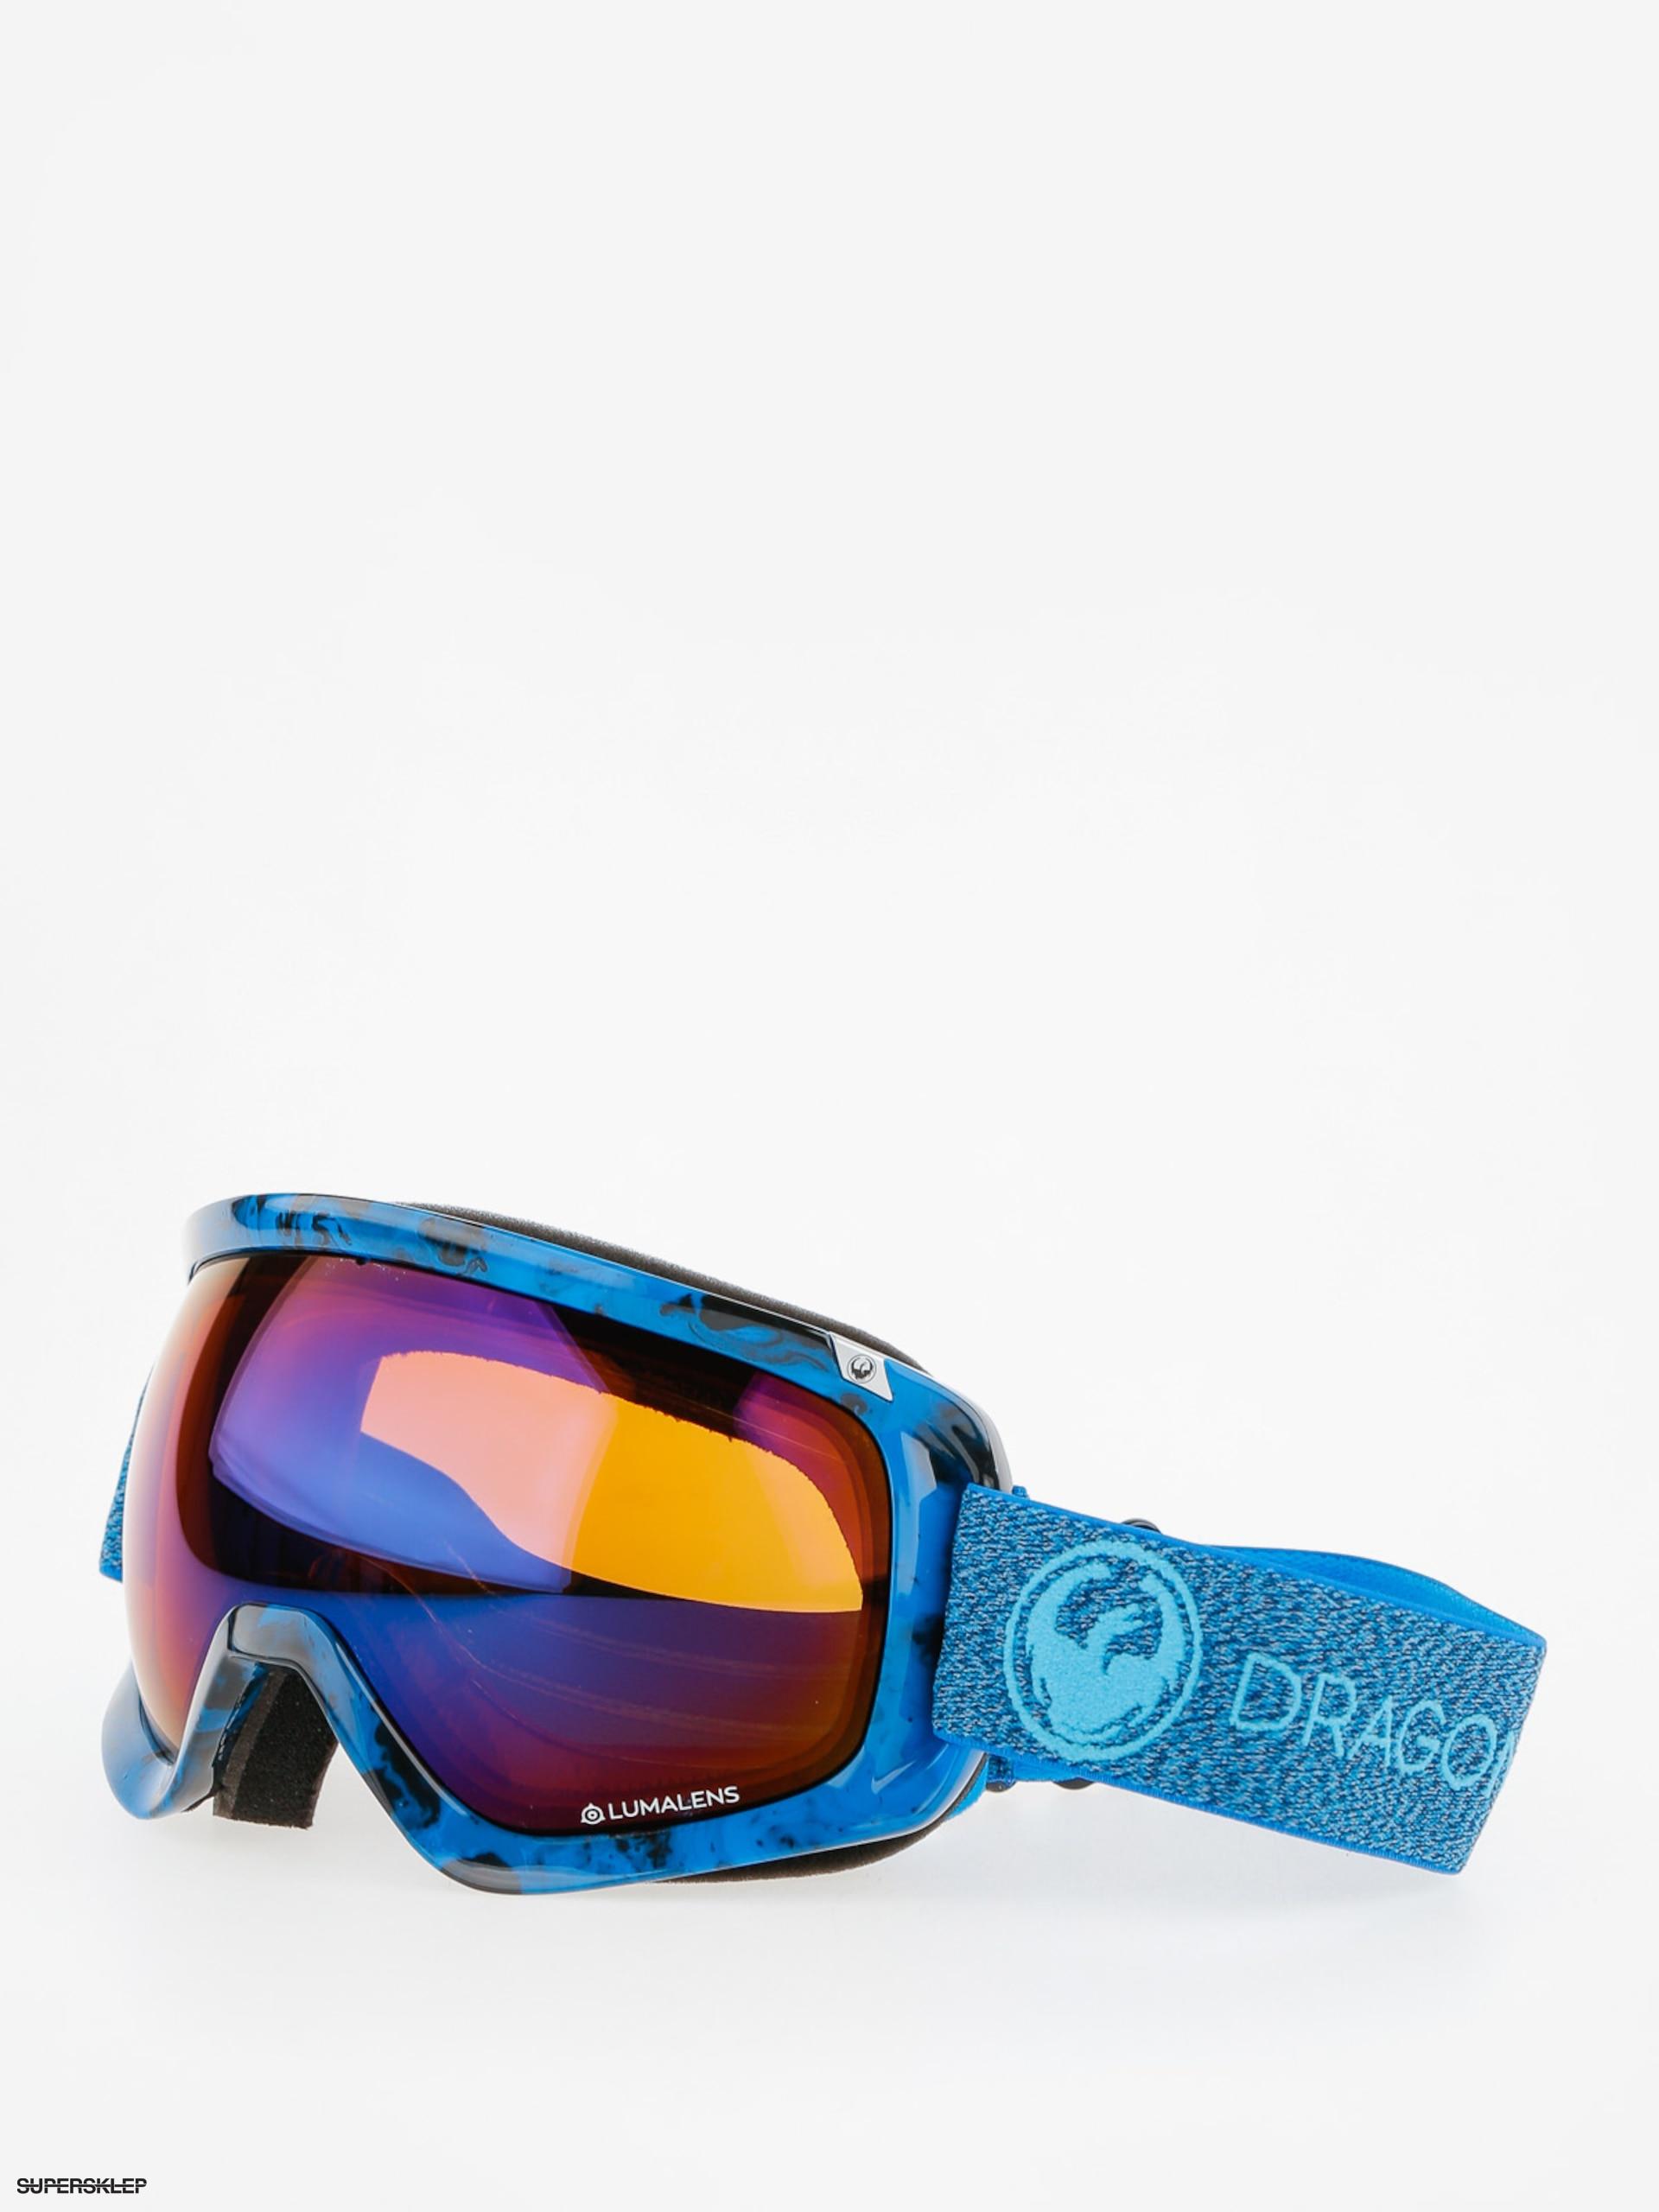 Dragon Okuliare na snowboard D3 (mill lumalens blue ion l amber) 9c68f7d3146